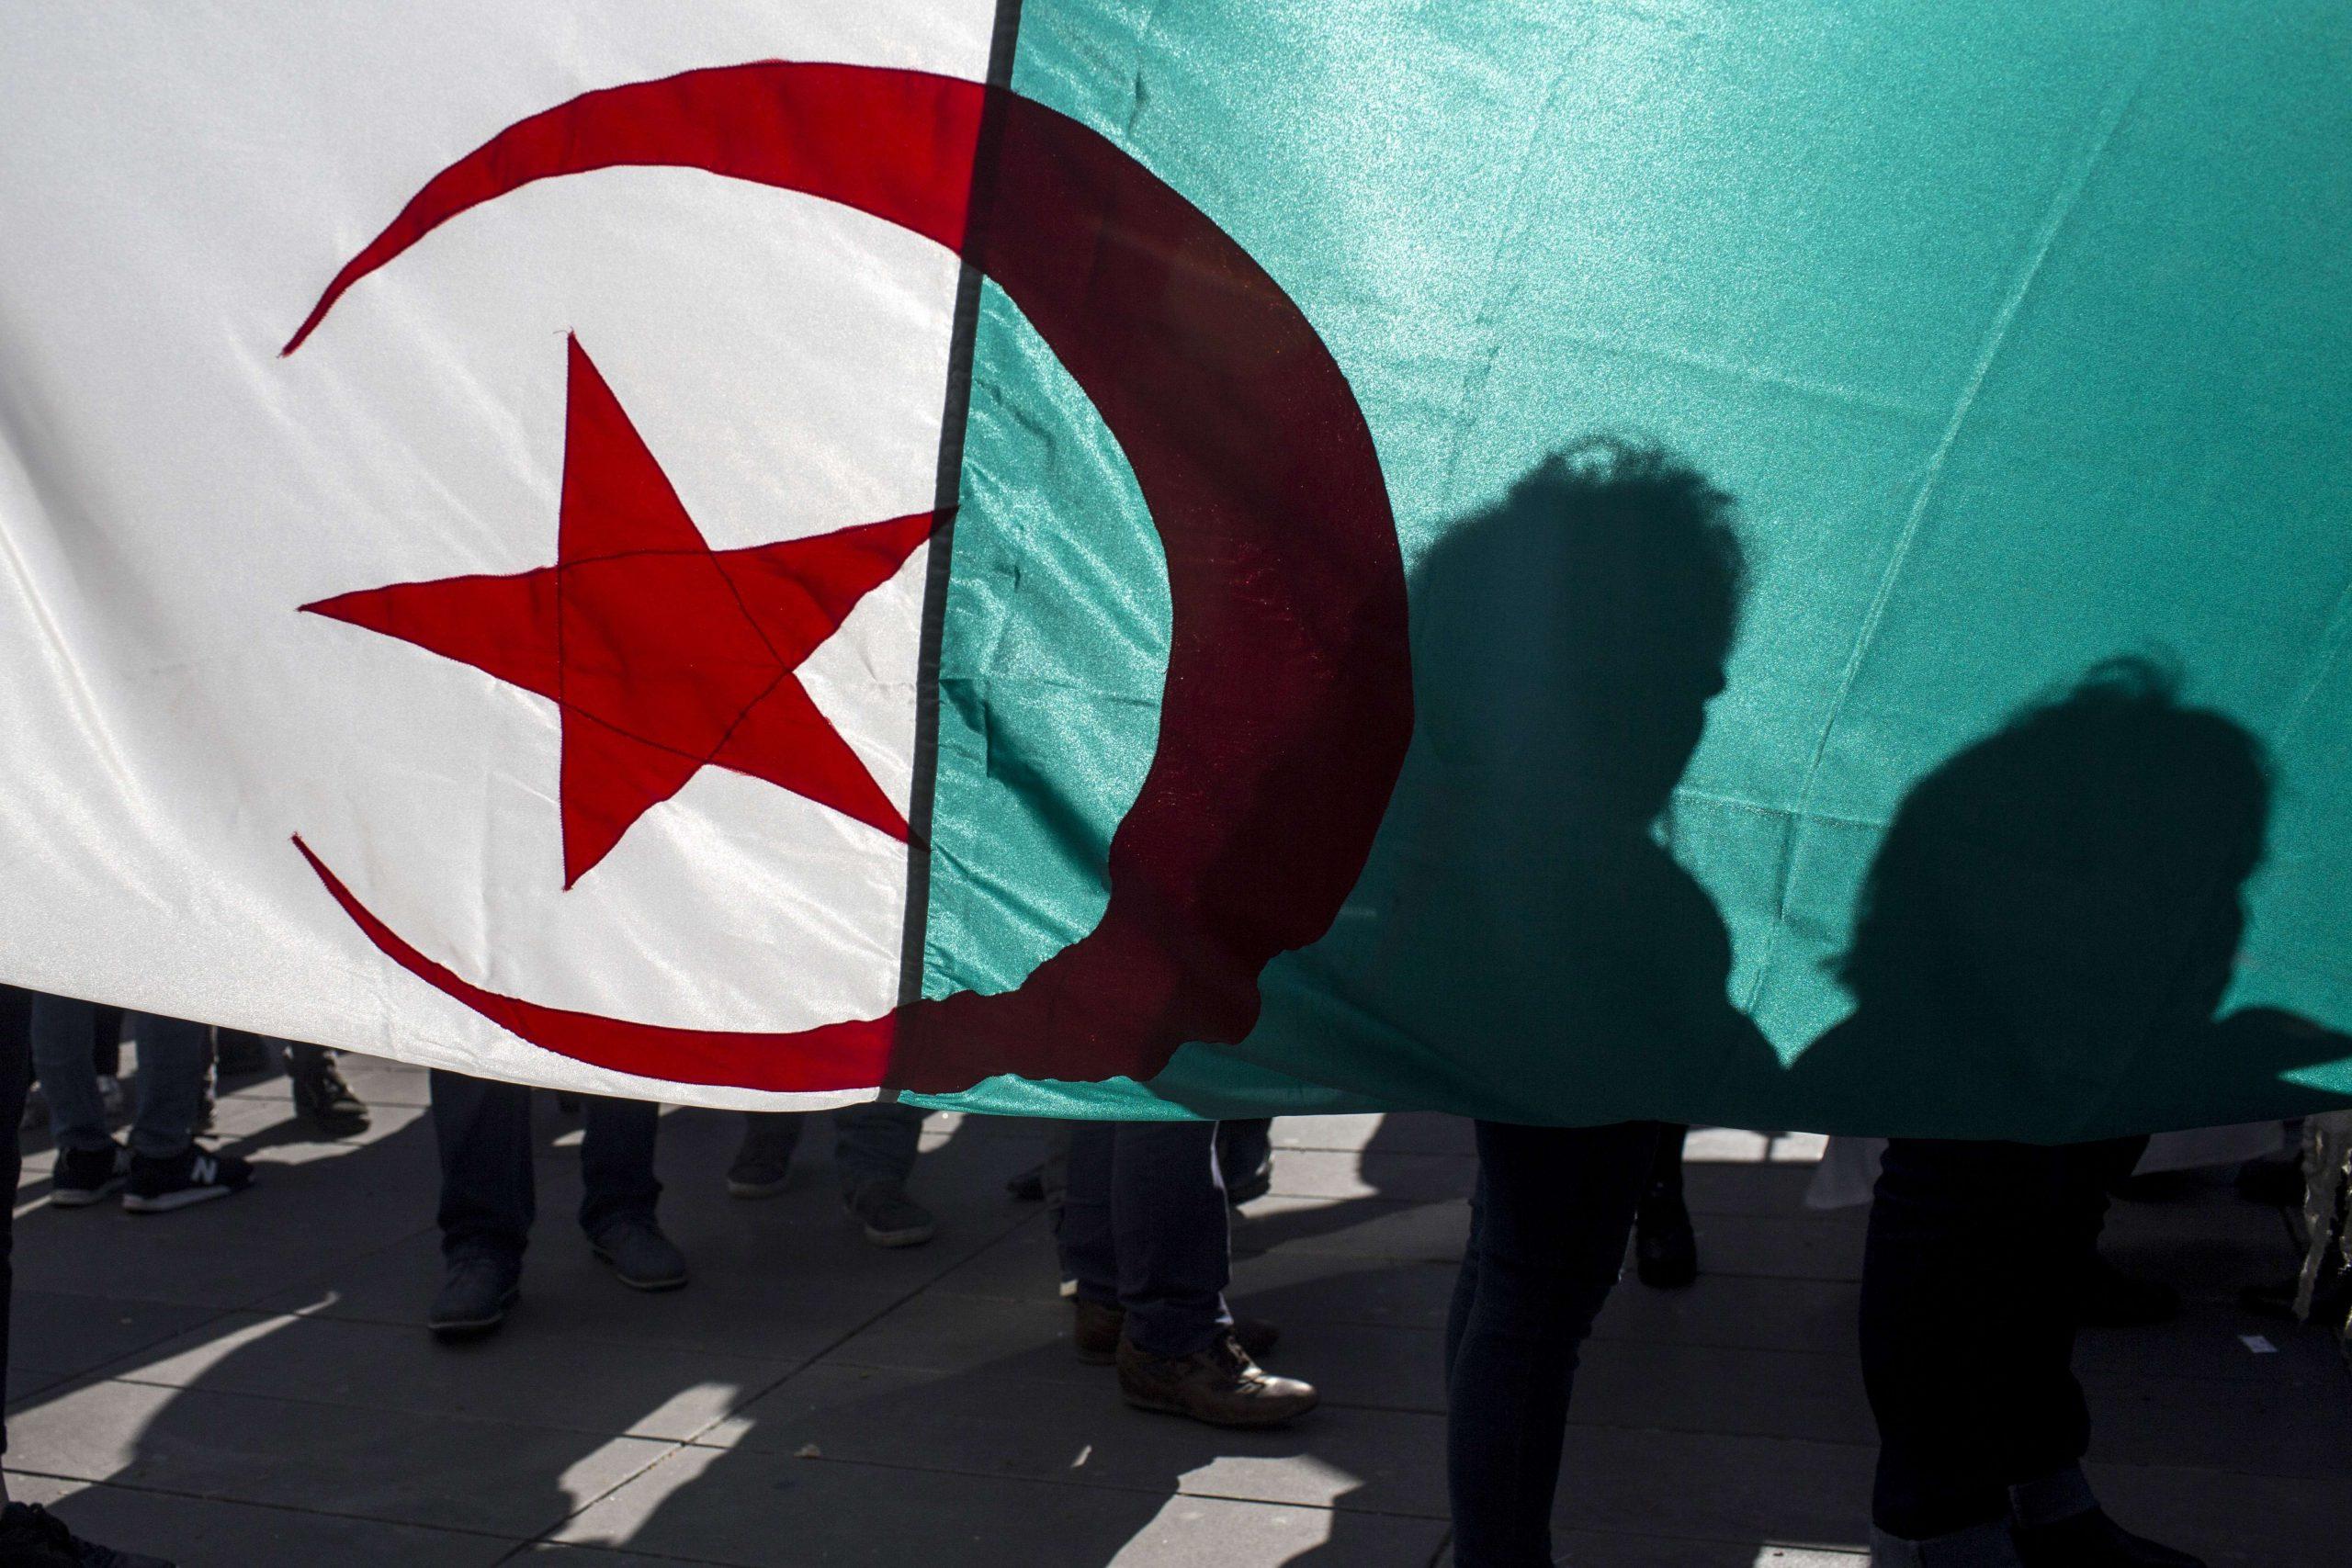 Les manifestants se dirigent vers le drapeau national algérien et manifestent sur l'esplanade de la République pour réclamer la fin des 20 ans de règne du président algérien Abdelaziz Bouteflika, à Paris, le 17 mars 2019.